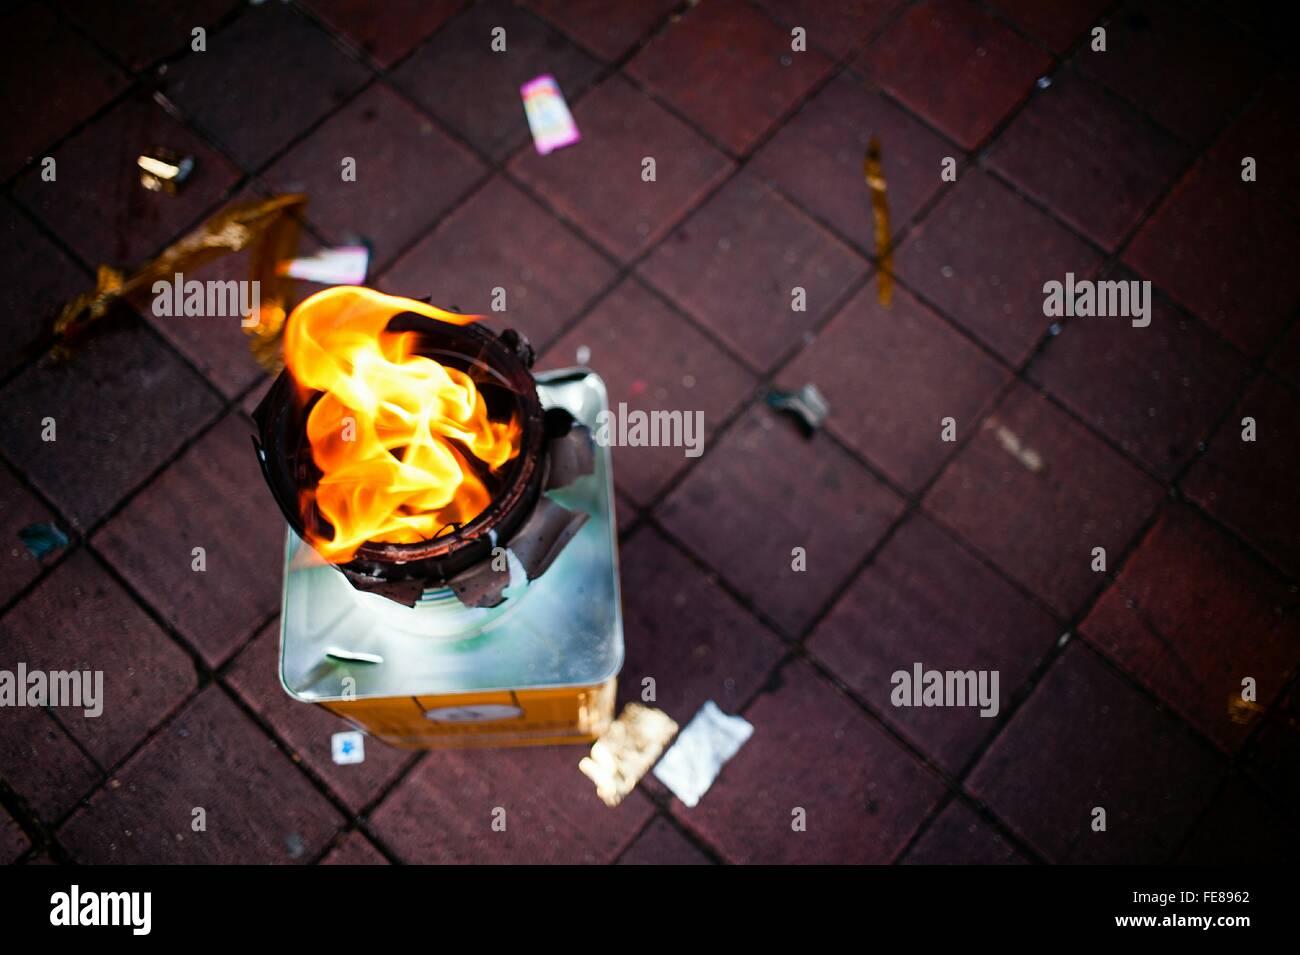 Tourné directement au-dessus d'une flamme nue Photo Stock